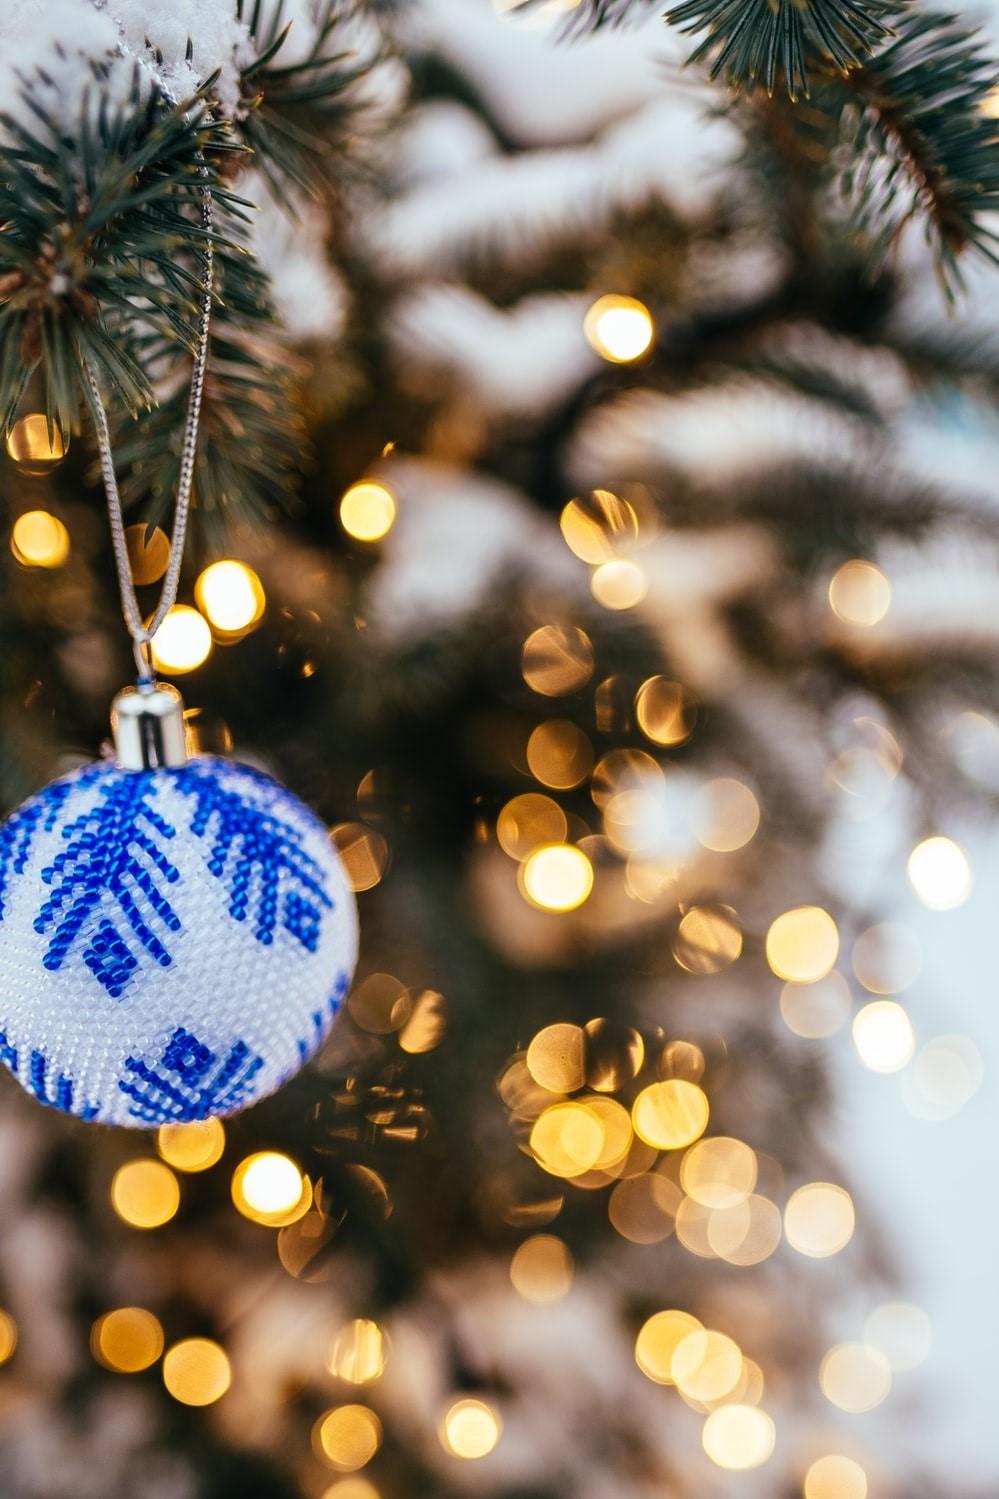 Ornement de Noël en blanc et bleu décoré comme un flocon de neige.